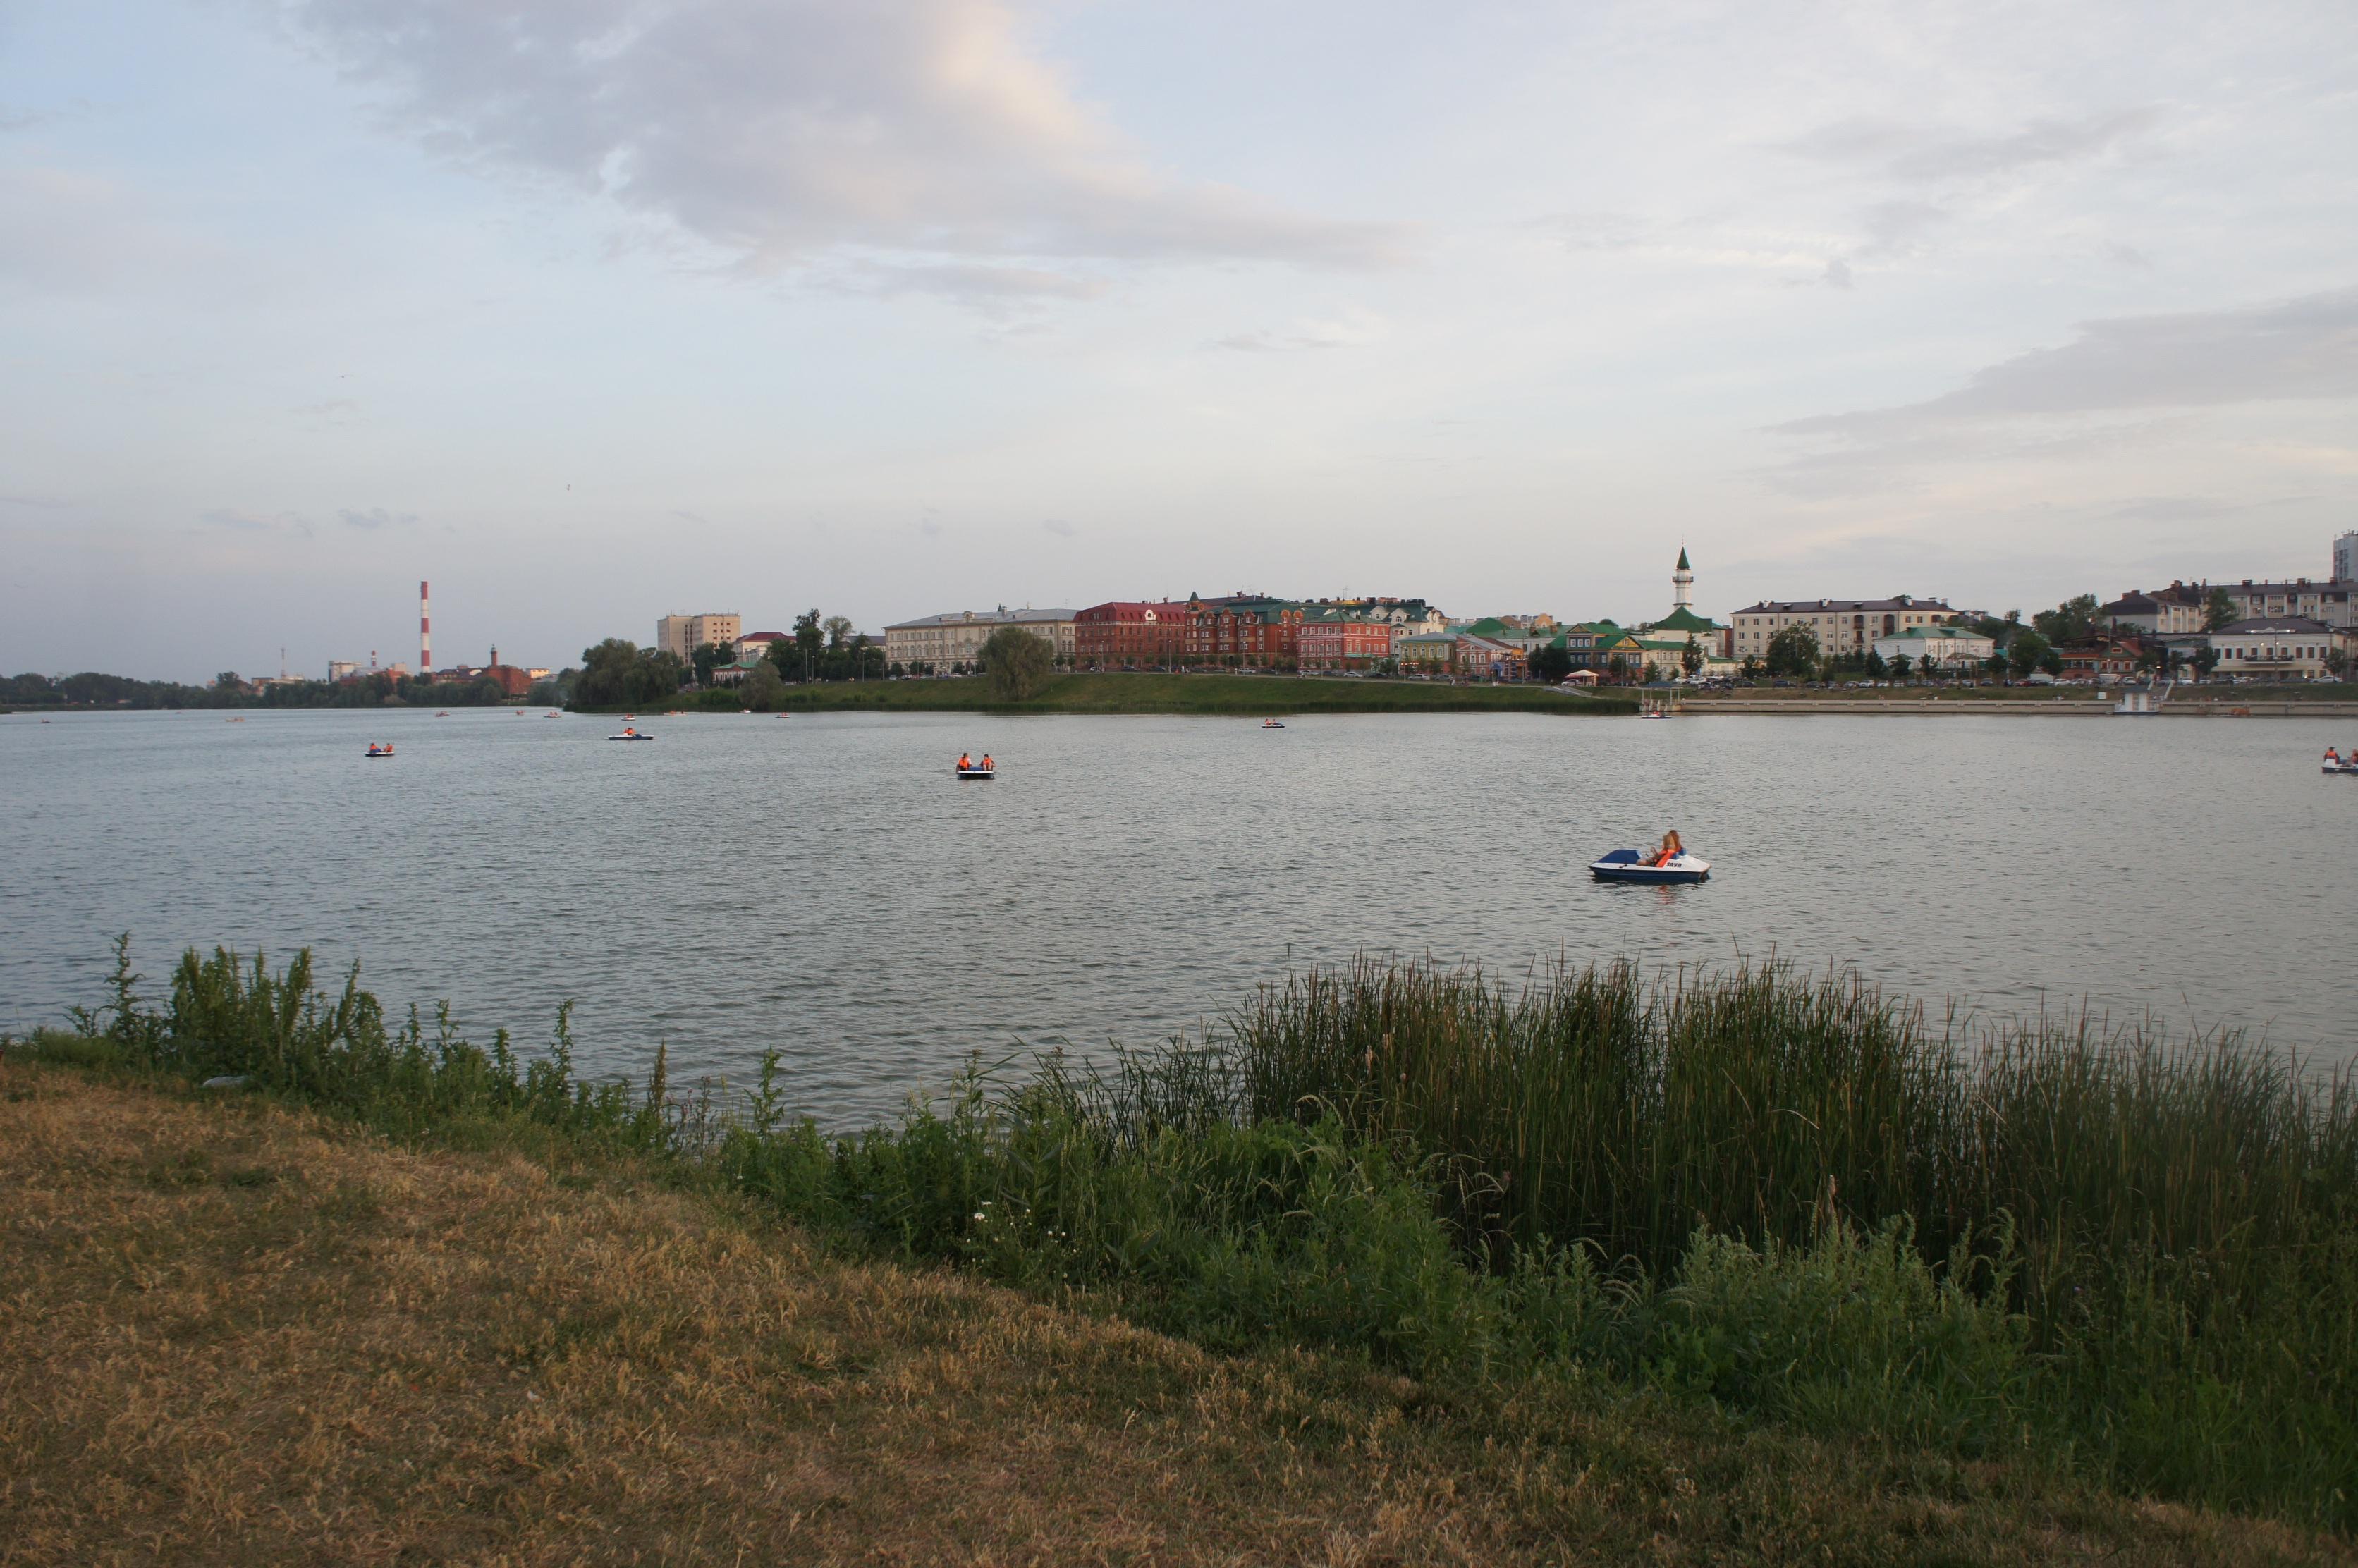 ニージュニー・カバン湖